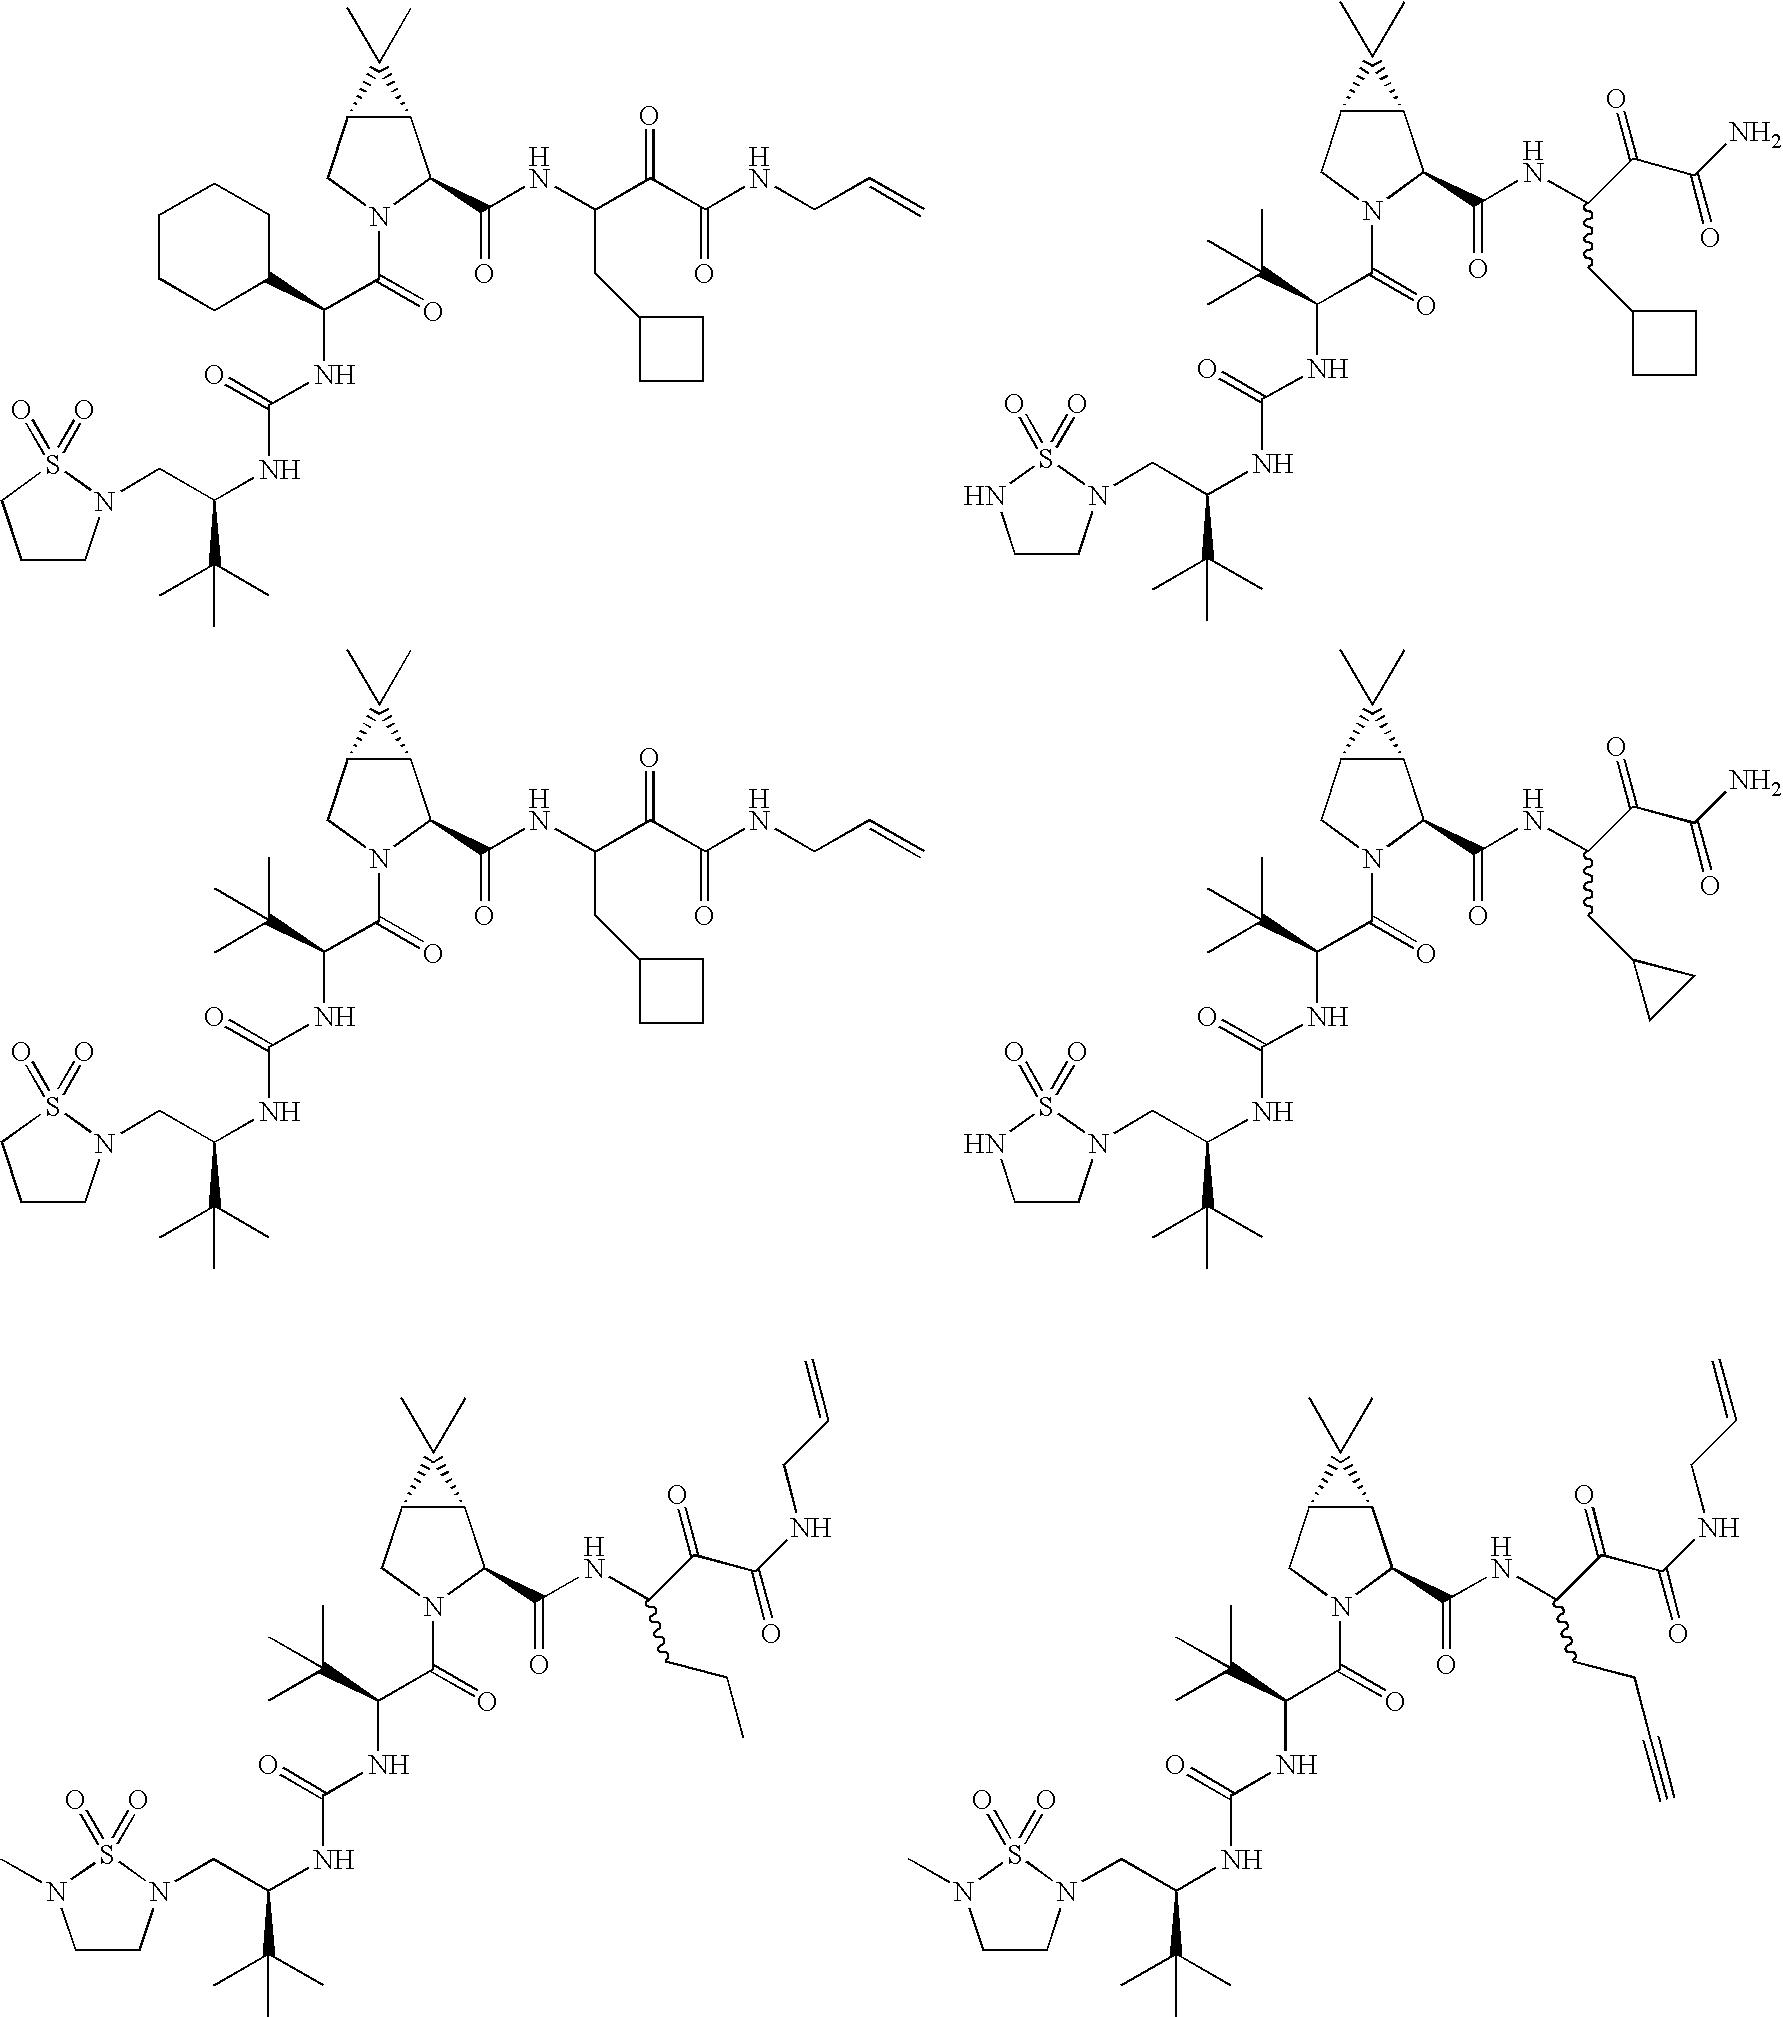 Figure US20060287248A1-20061221-C00388